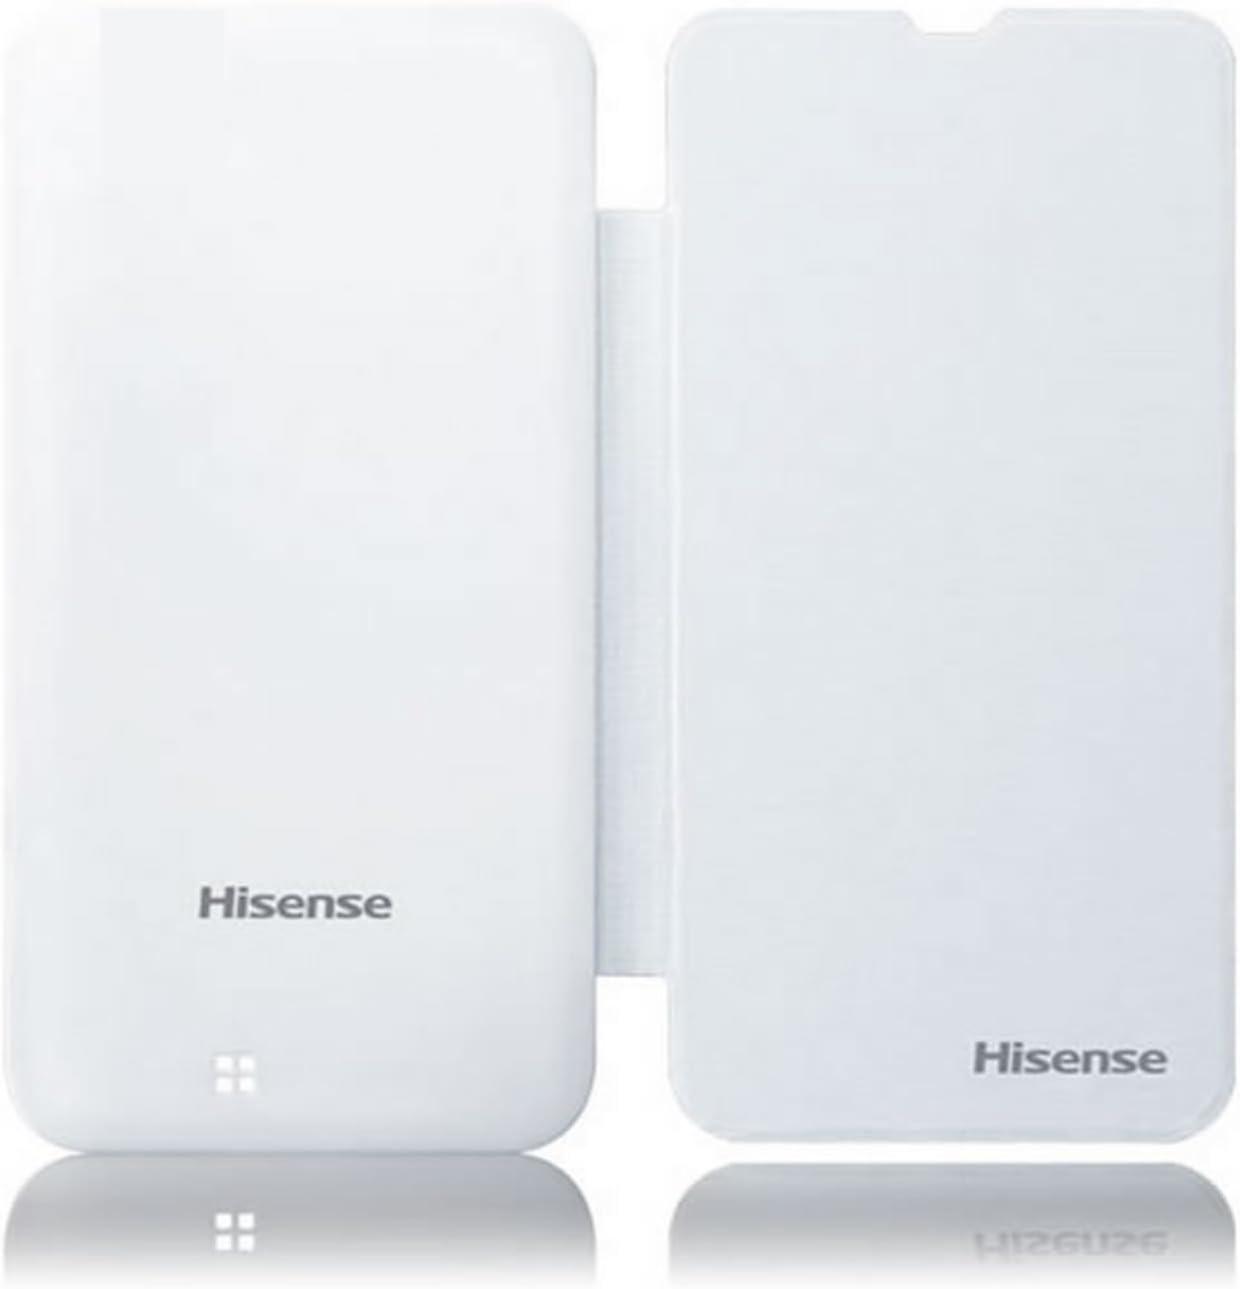 Funda smartphone hisense hsu980 color blanco: Amazon.es: Electrónica